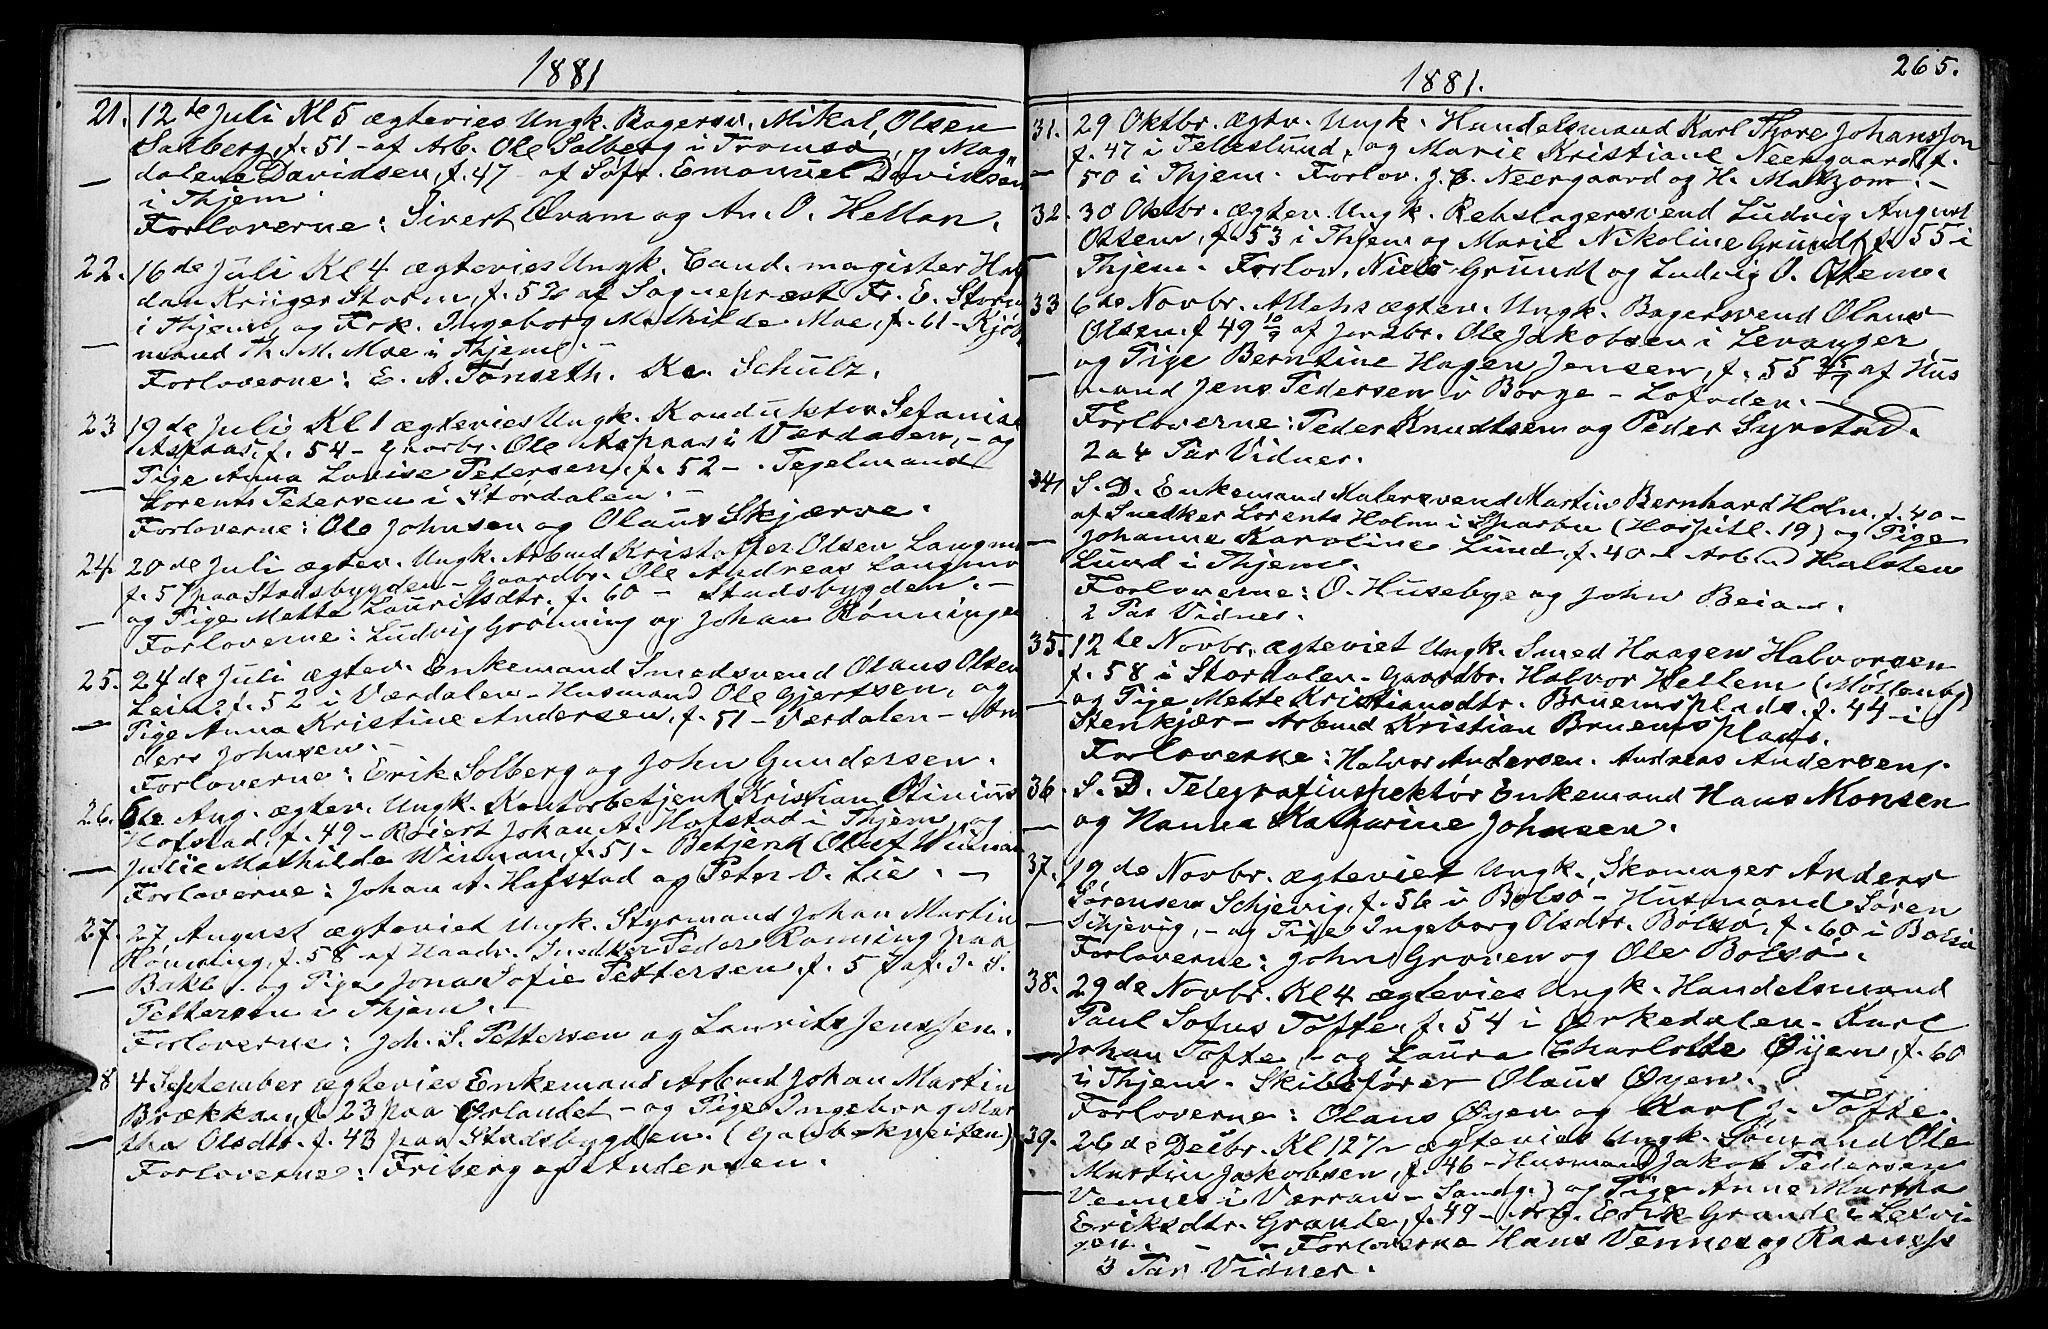 SAT, Ministerialprotokoller, klokkerbøker og fødselsregistre - Sør-Trøndelag, 602/L0142: Klokkerbok nr. 602C10, 1872-1894, s. 265